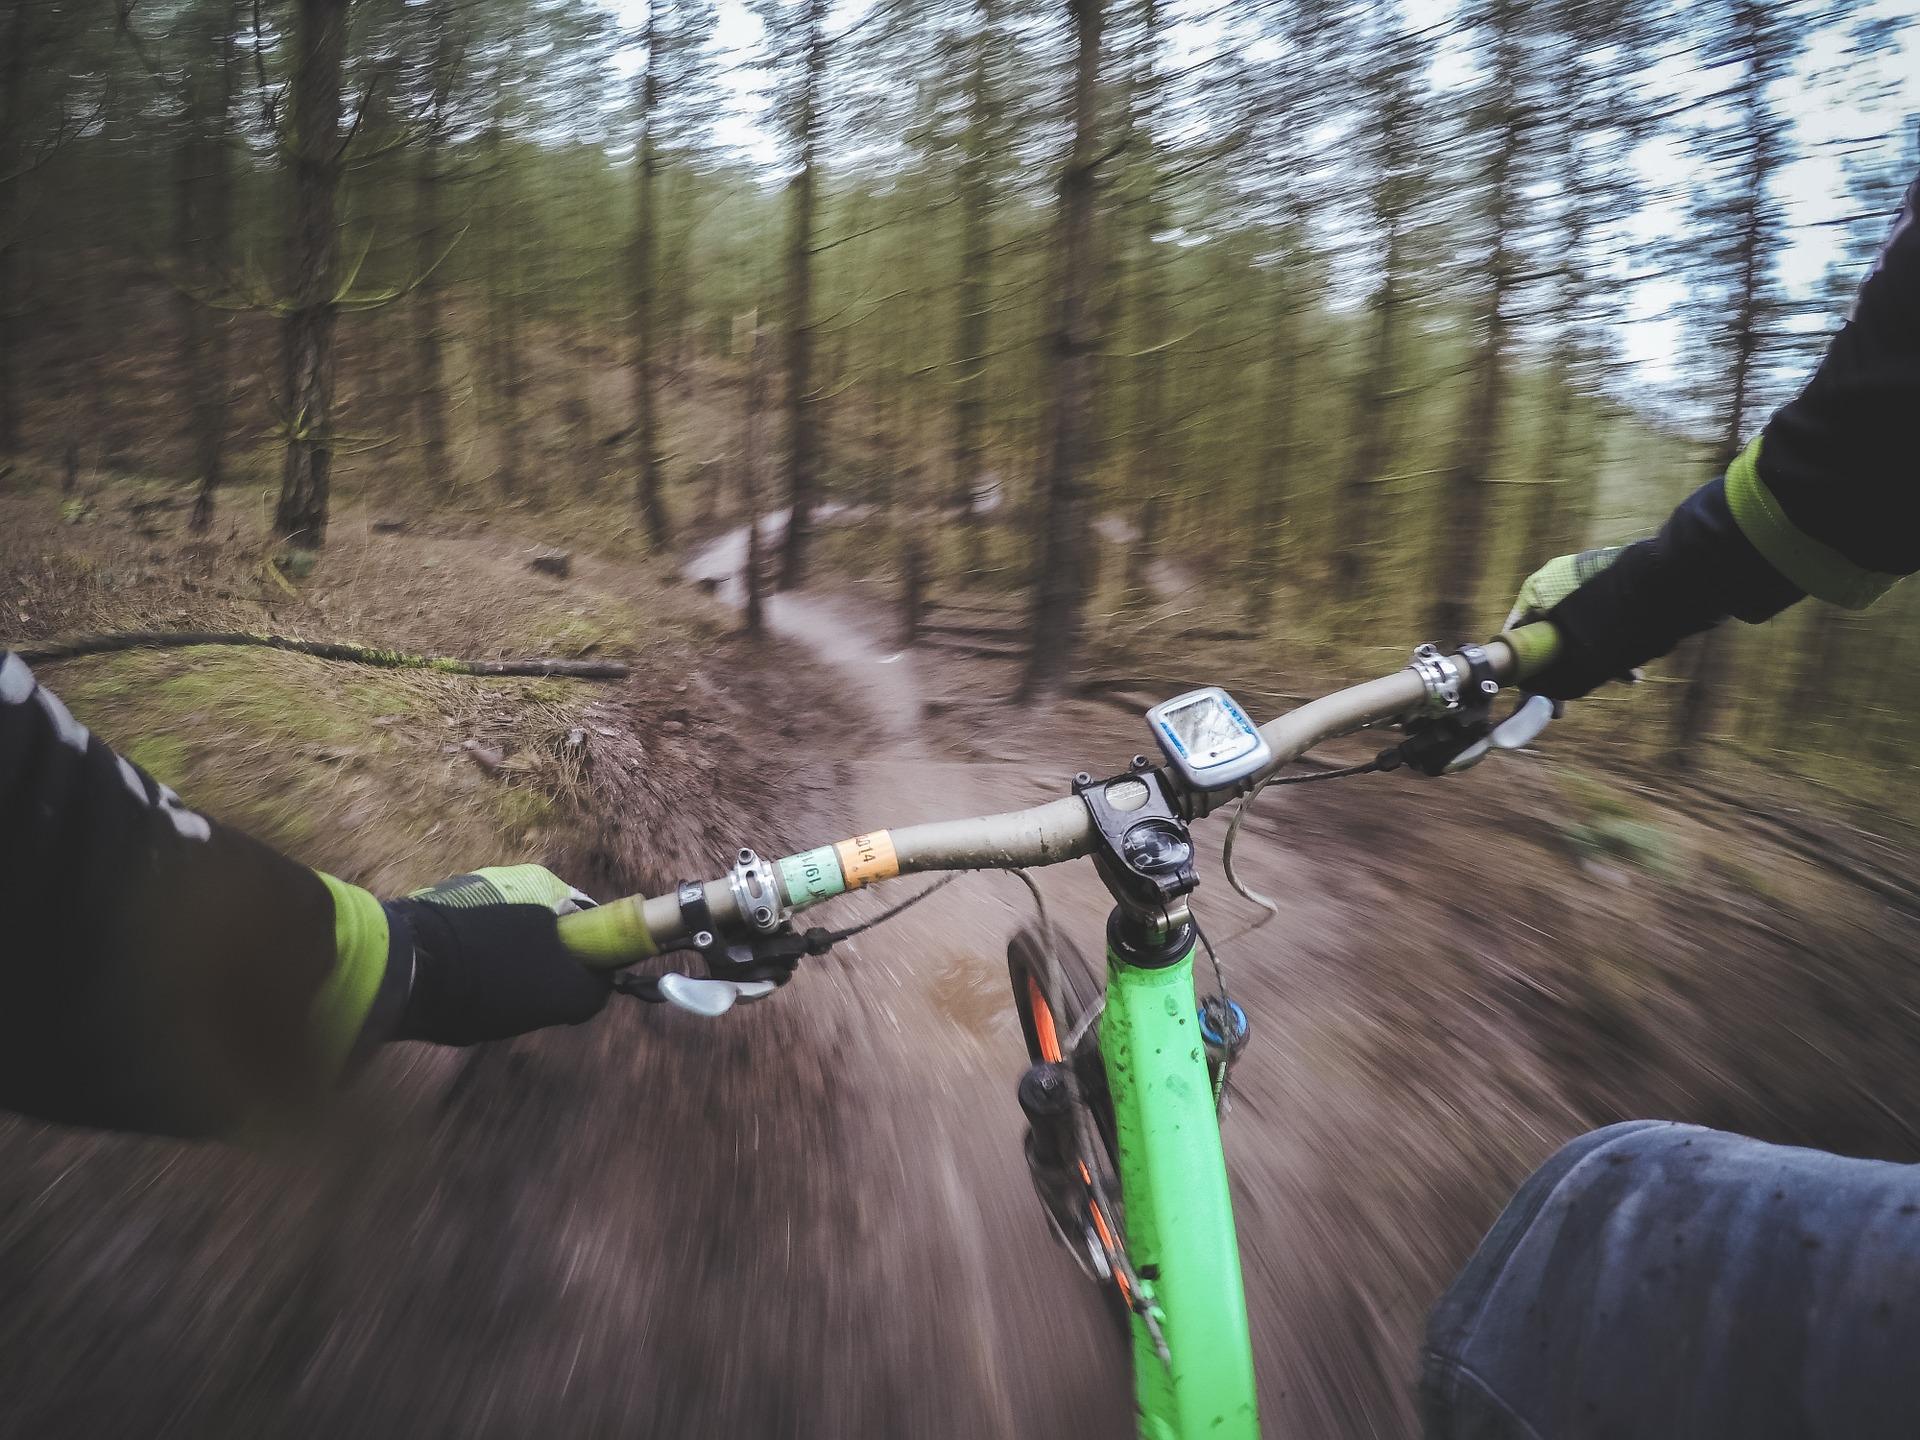 骑自行车, 自行车, 山, 风险, 结束 - 高清壁纸 - 教授-falken.com